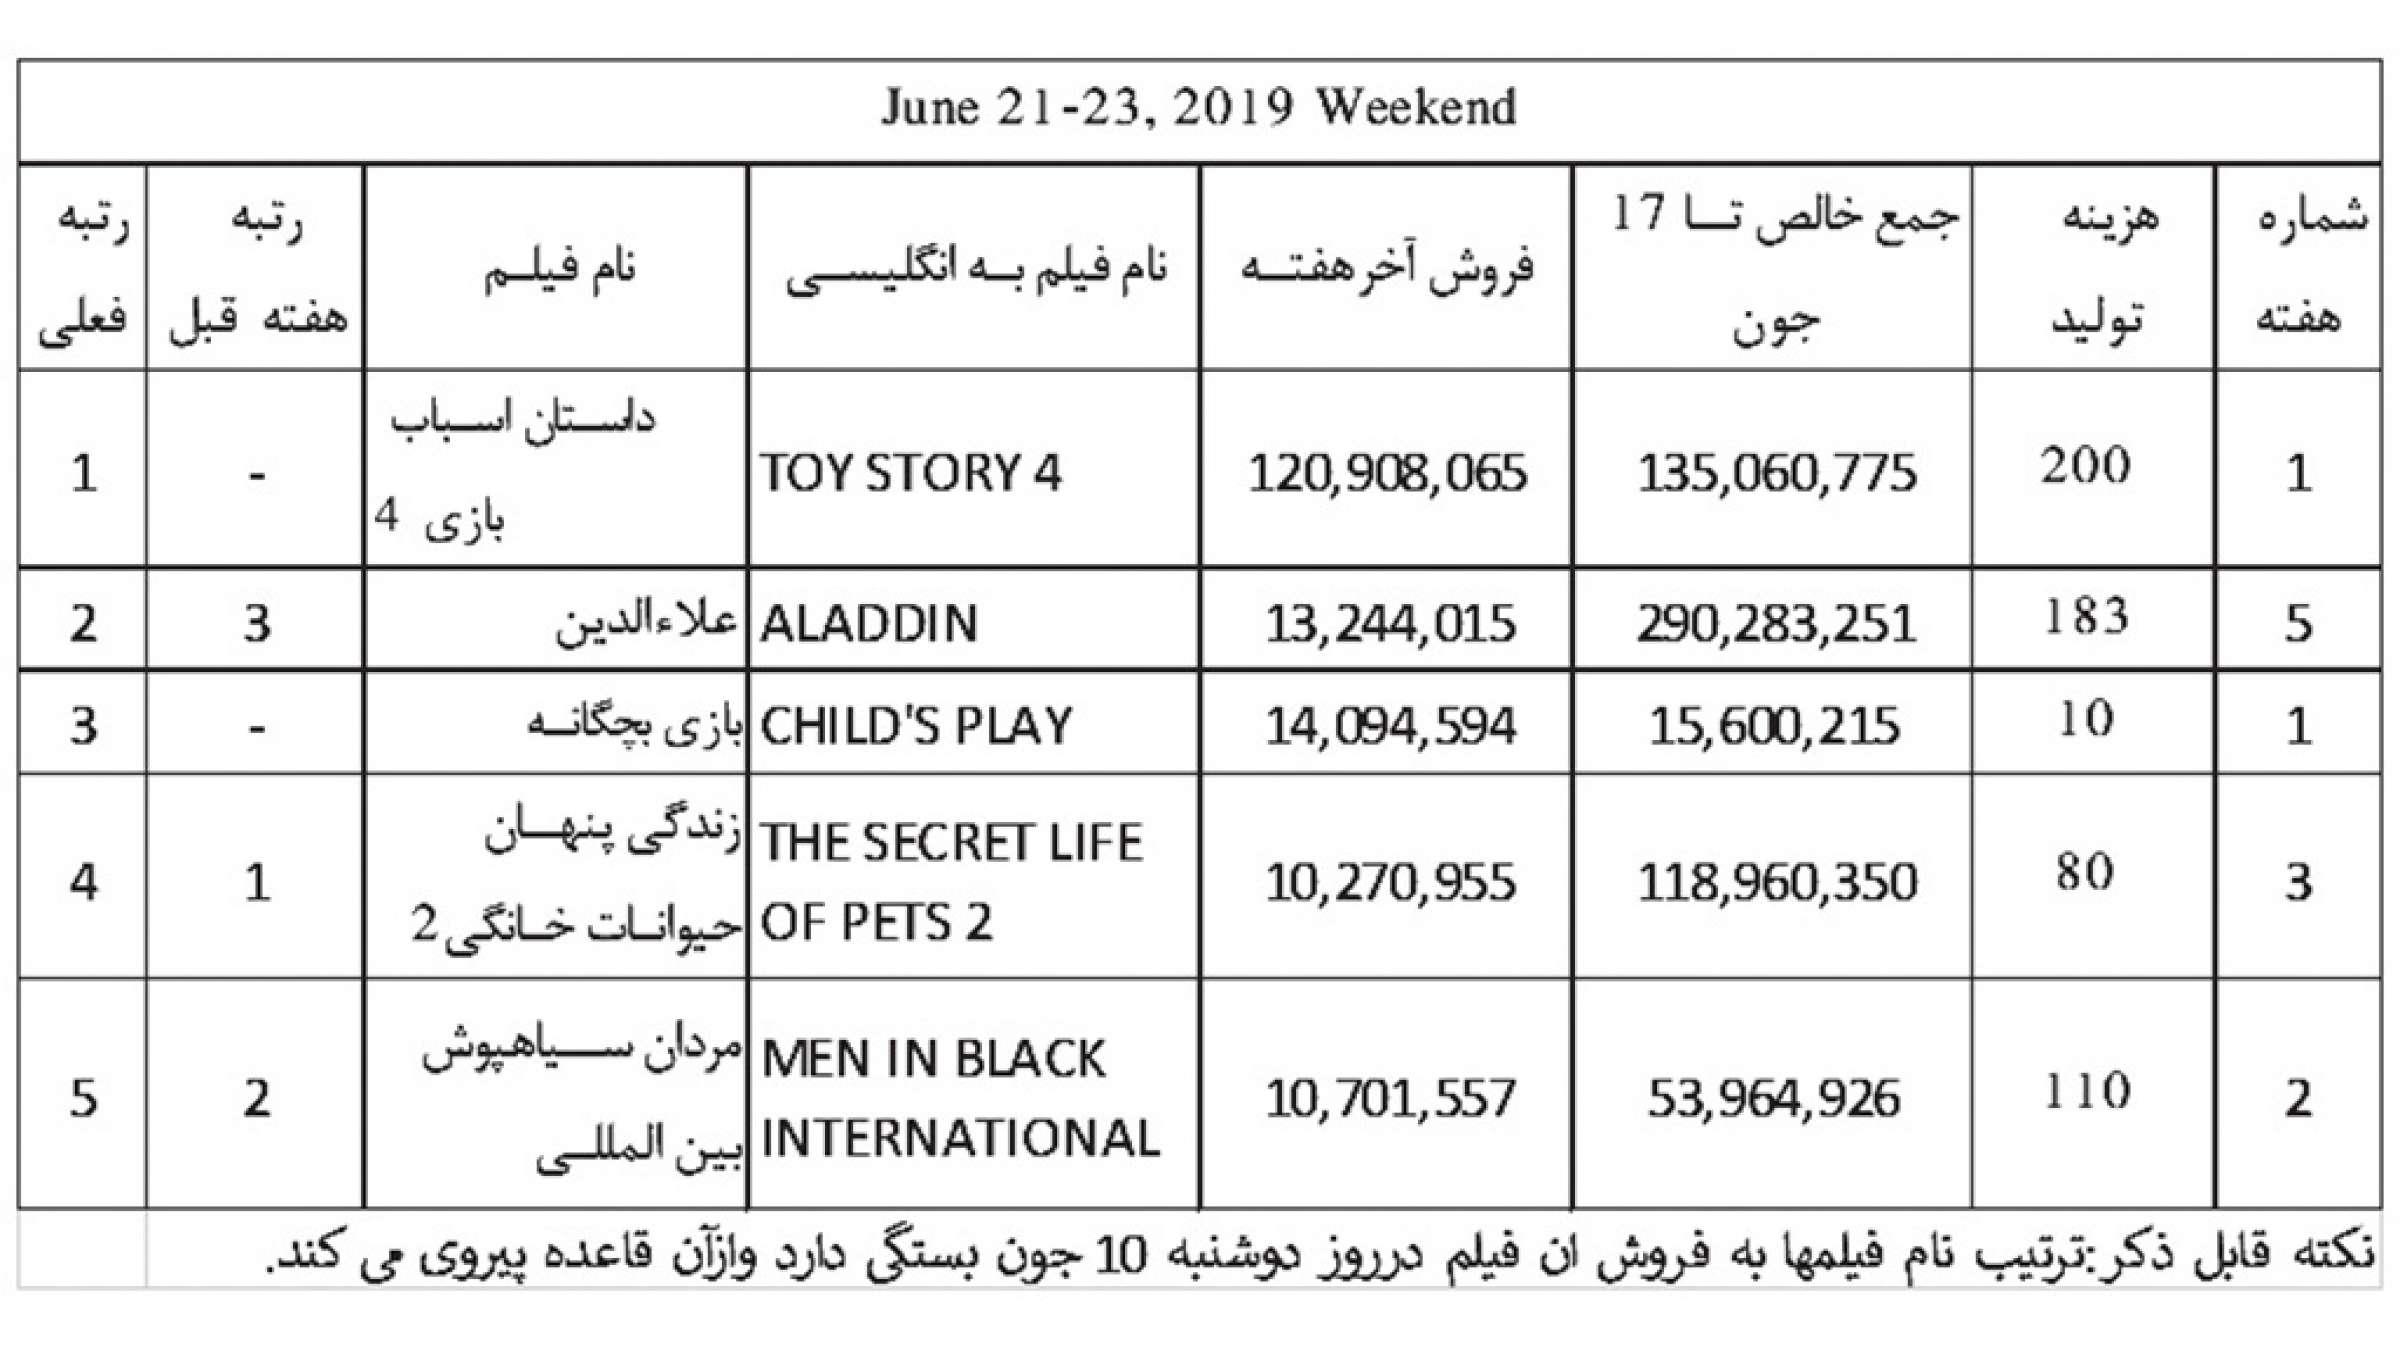 فروش-هفته-چهارم-ماه-جون-2019-ناظمزاده-فیلم